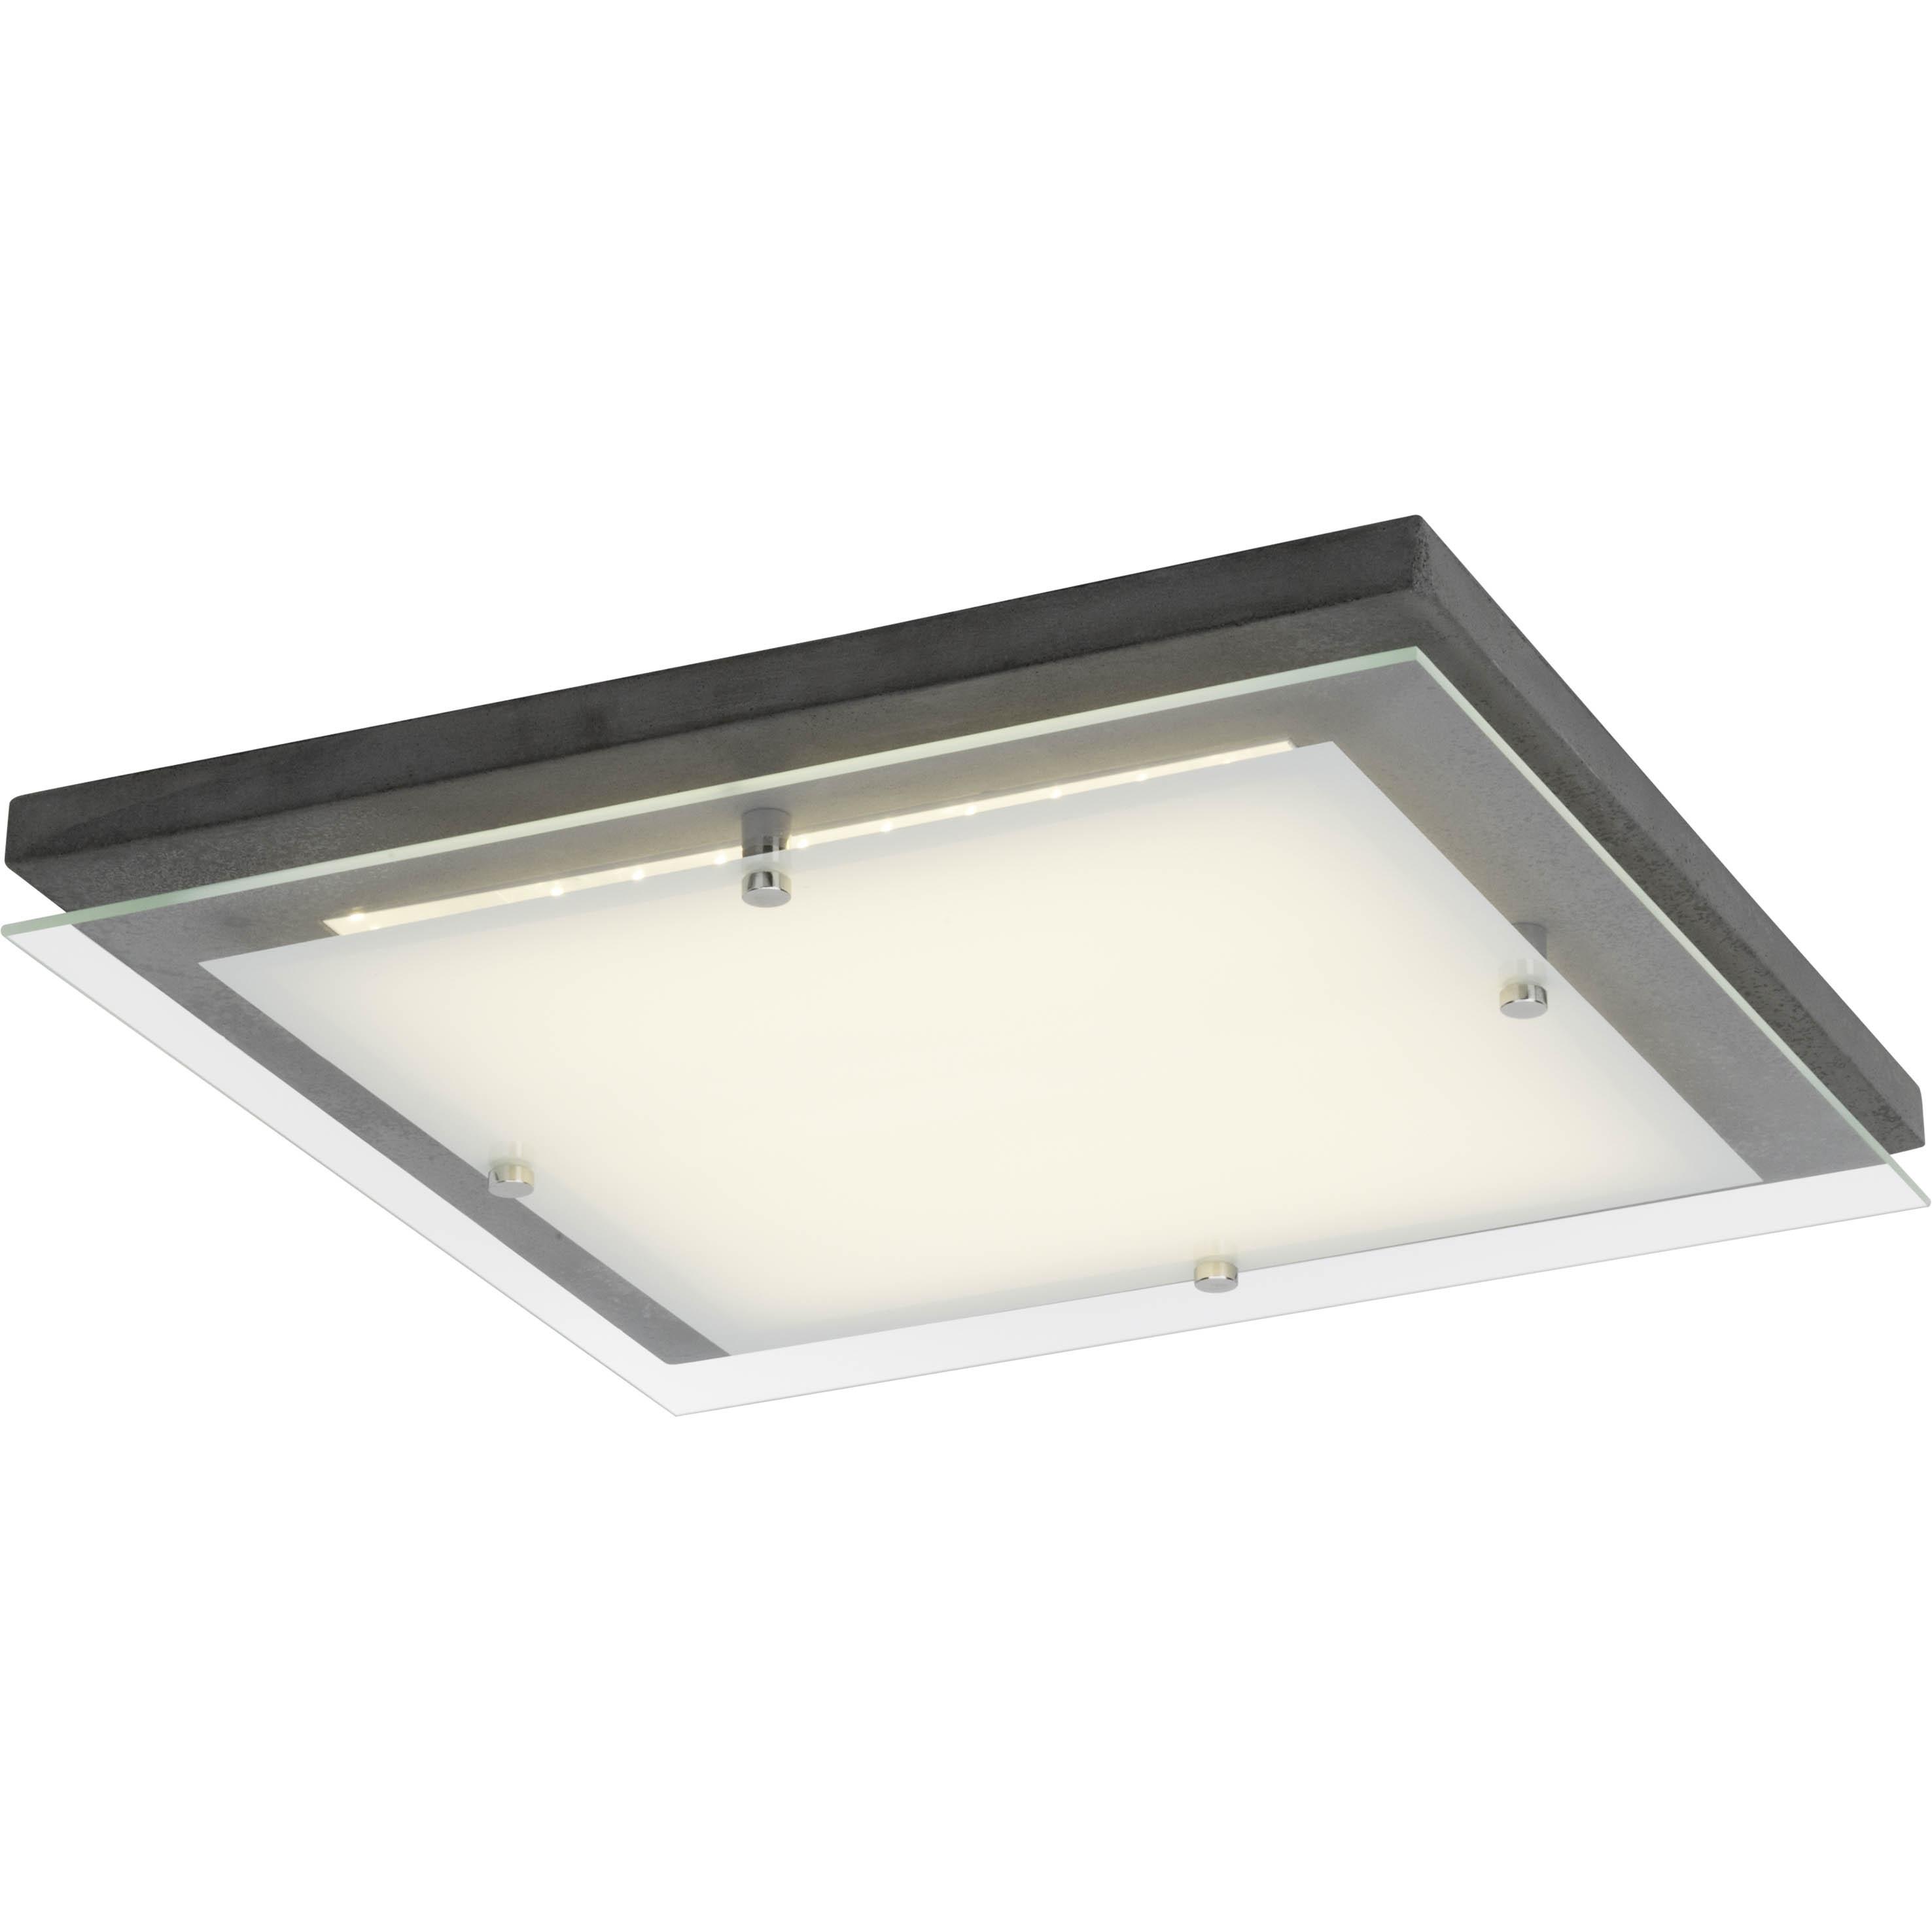 Brilliant Leuchten Hardwood LED Deckenleuchte 40x40cm beton/weiß   Lampen > Deckenleuchten > Deckenlampen   Weiß   Beton - Glas   BRILLIANT LEUCHTEN